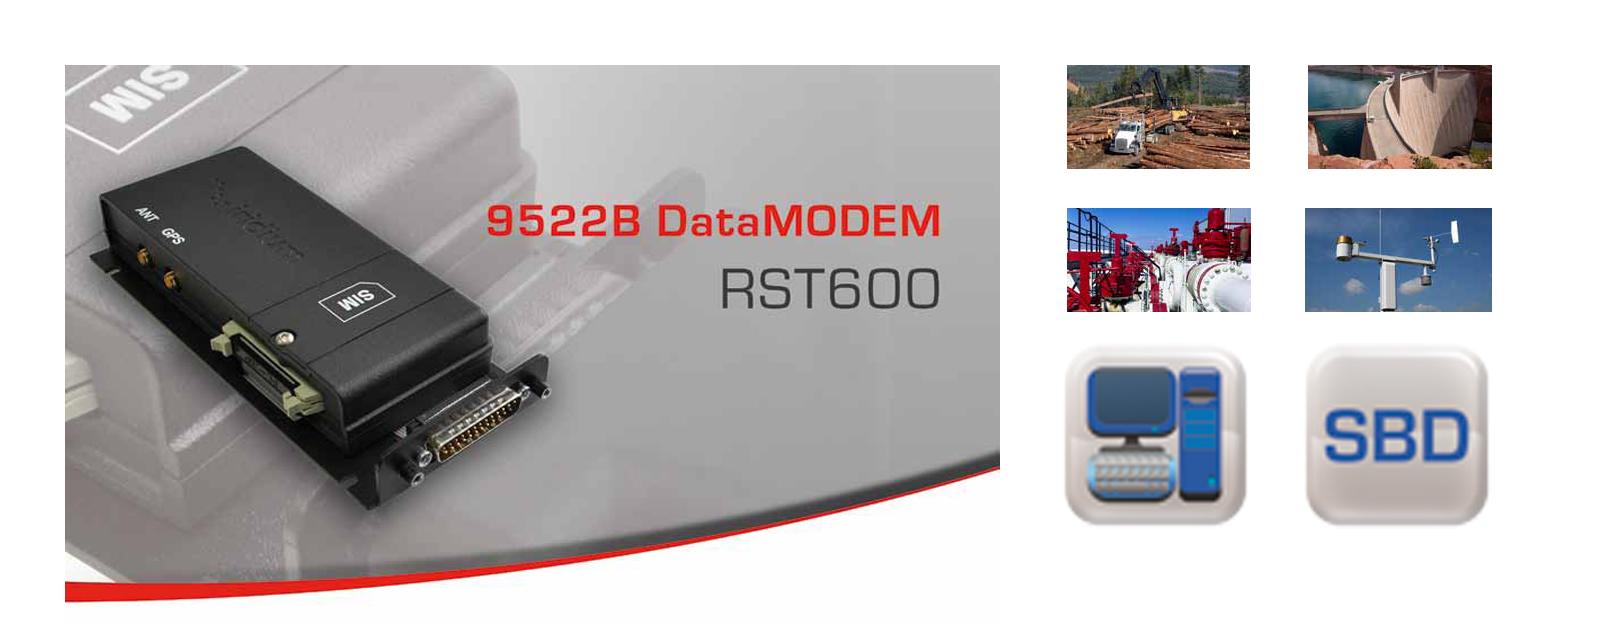 beam-rst600-data-modem-appl.jpg